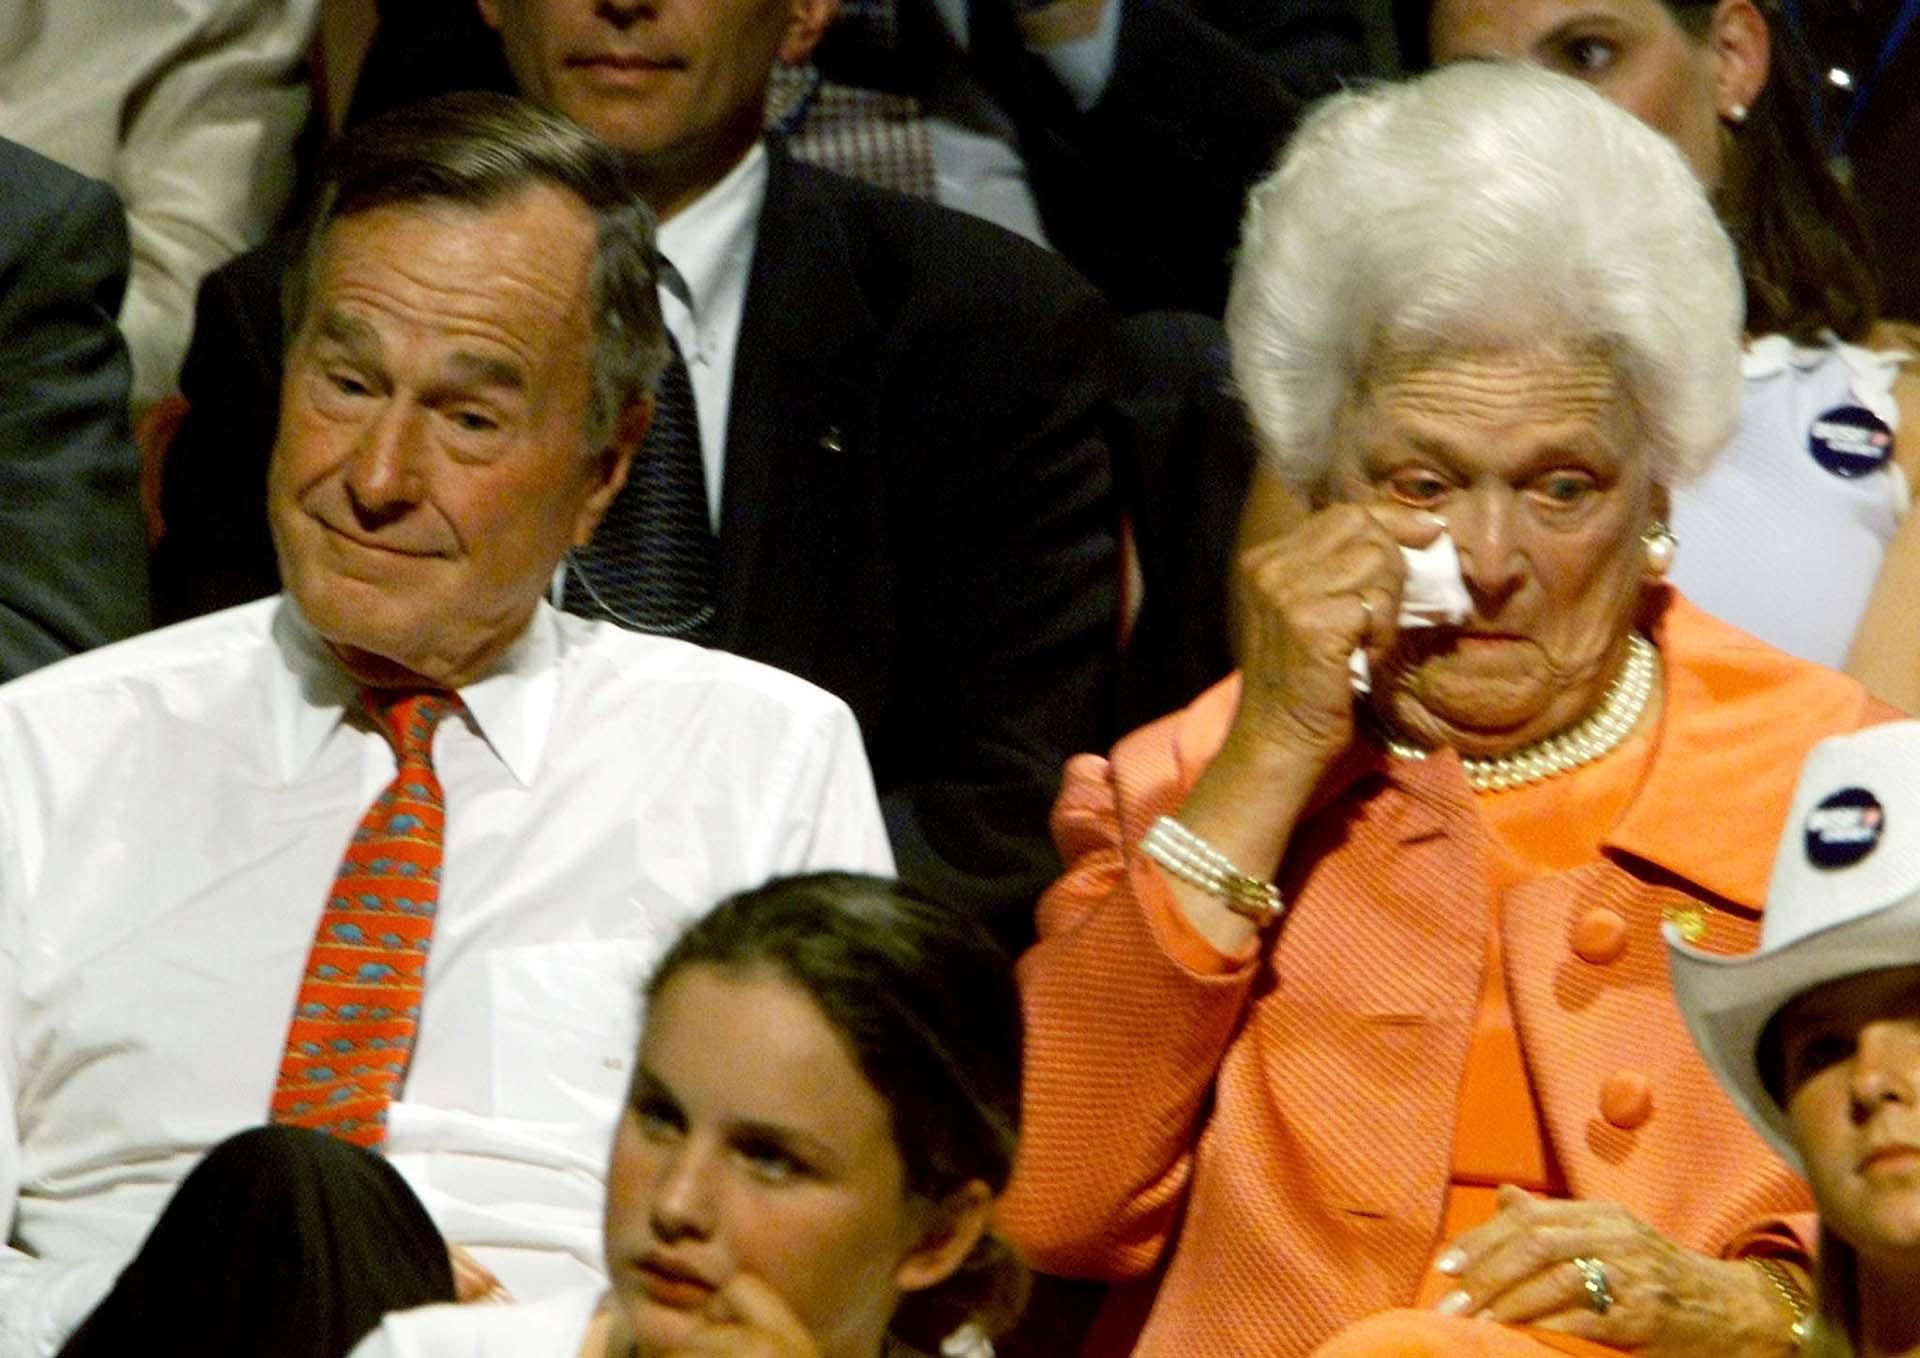 Barbara no pudo ocultar su emoción al ver en el escenario a su hijo George W. aceptando la candidatura presidencial en la Convención Nacional Republicana de agosto de 2000 en Filadelfia